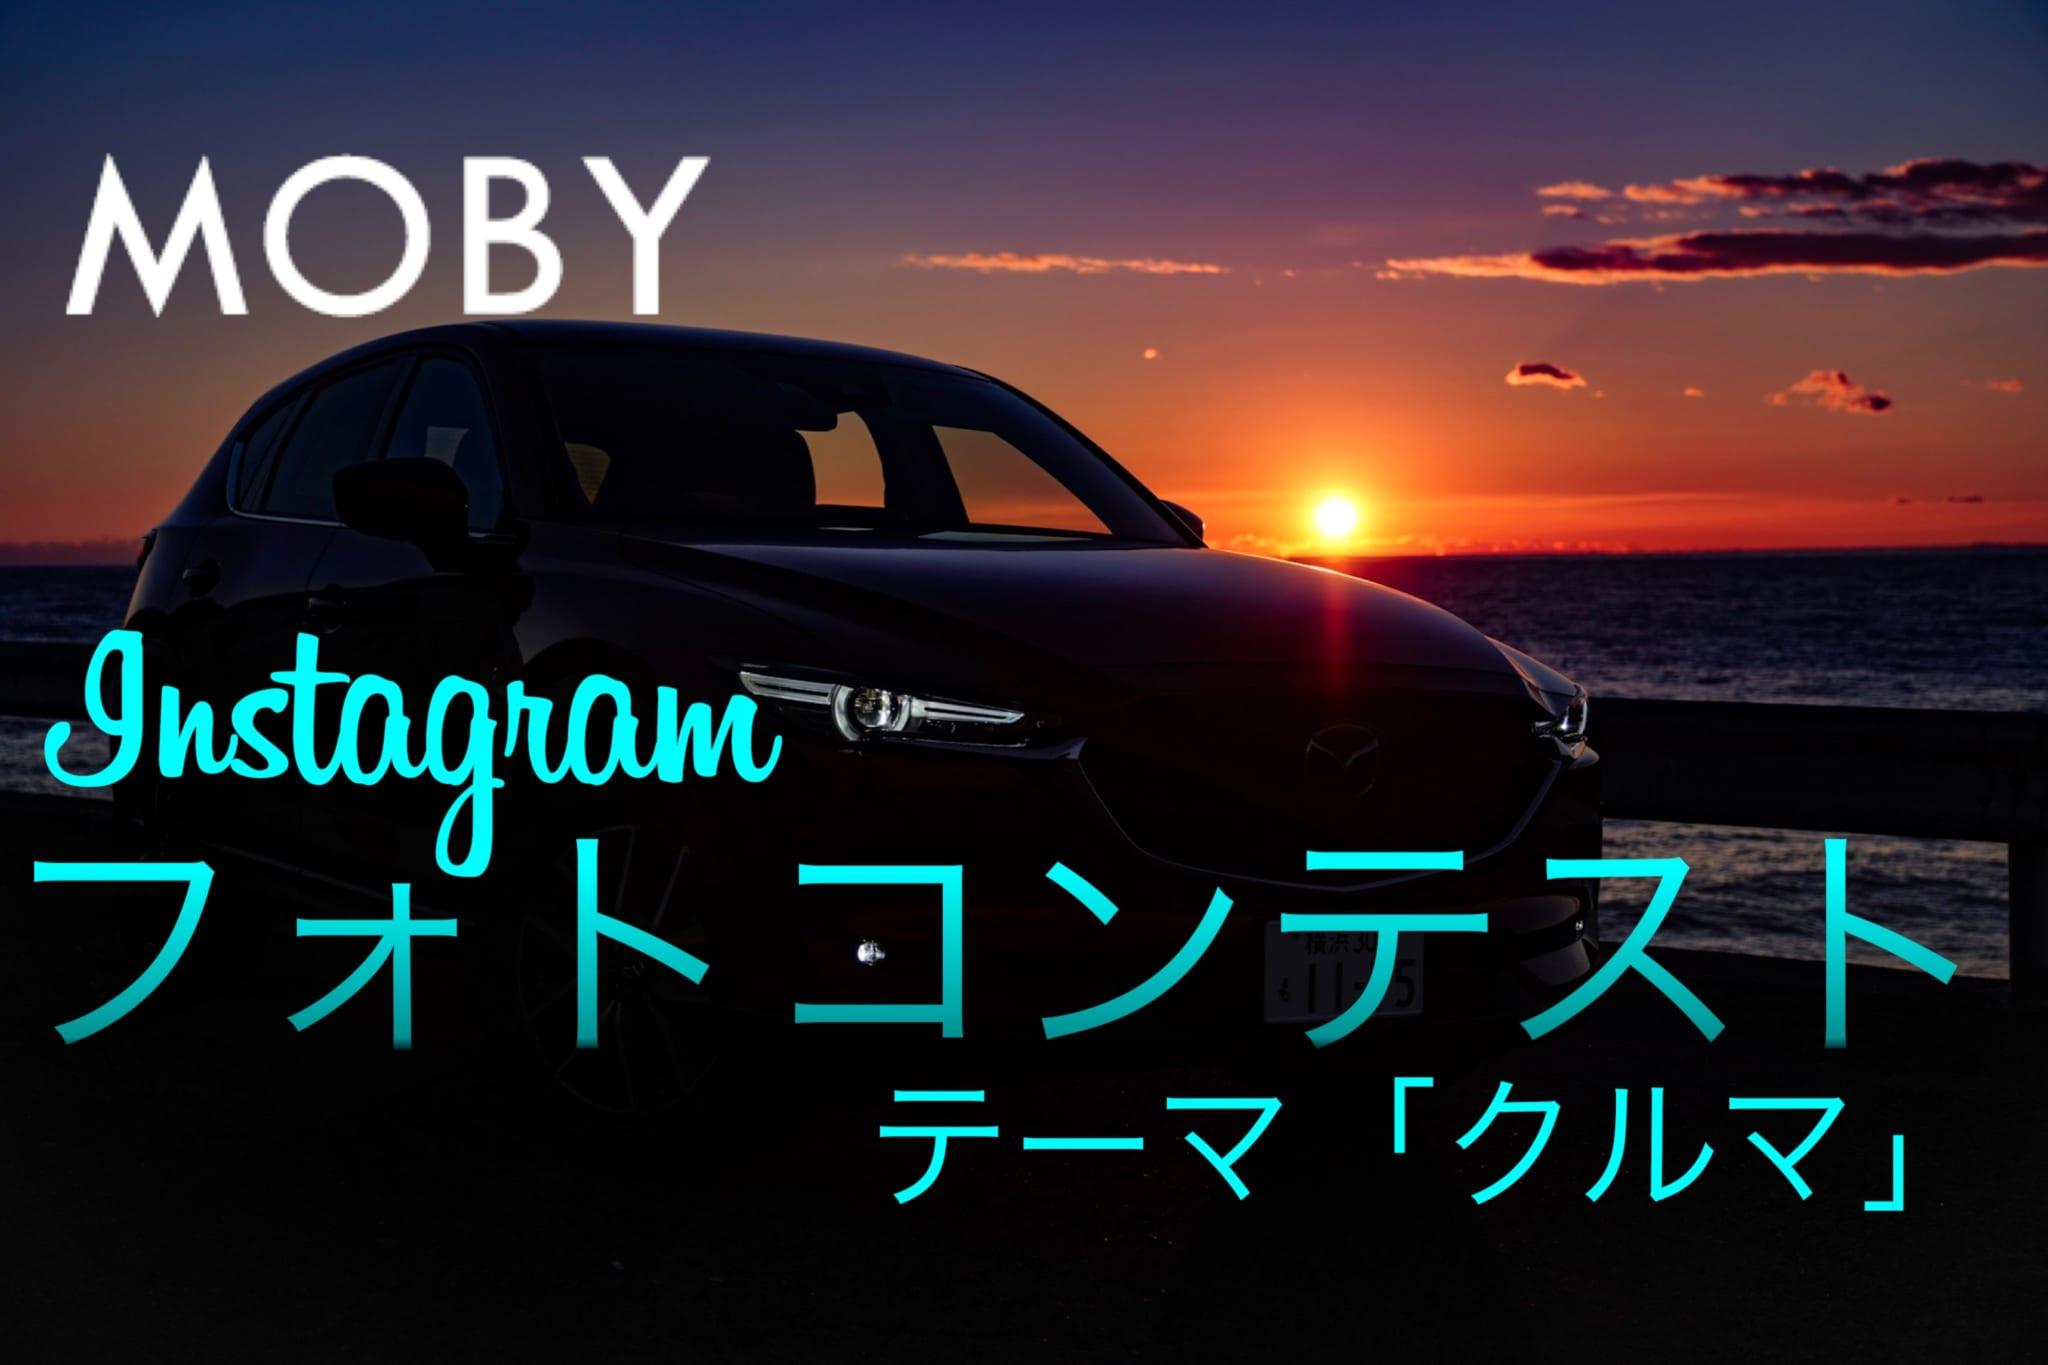 MOBYフォトコンテスト